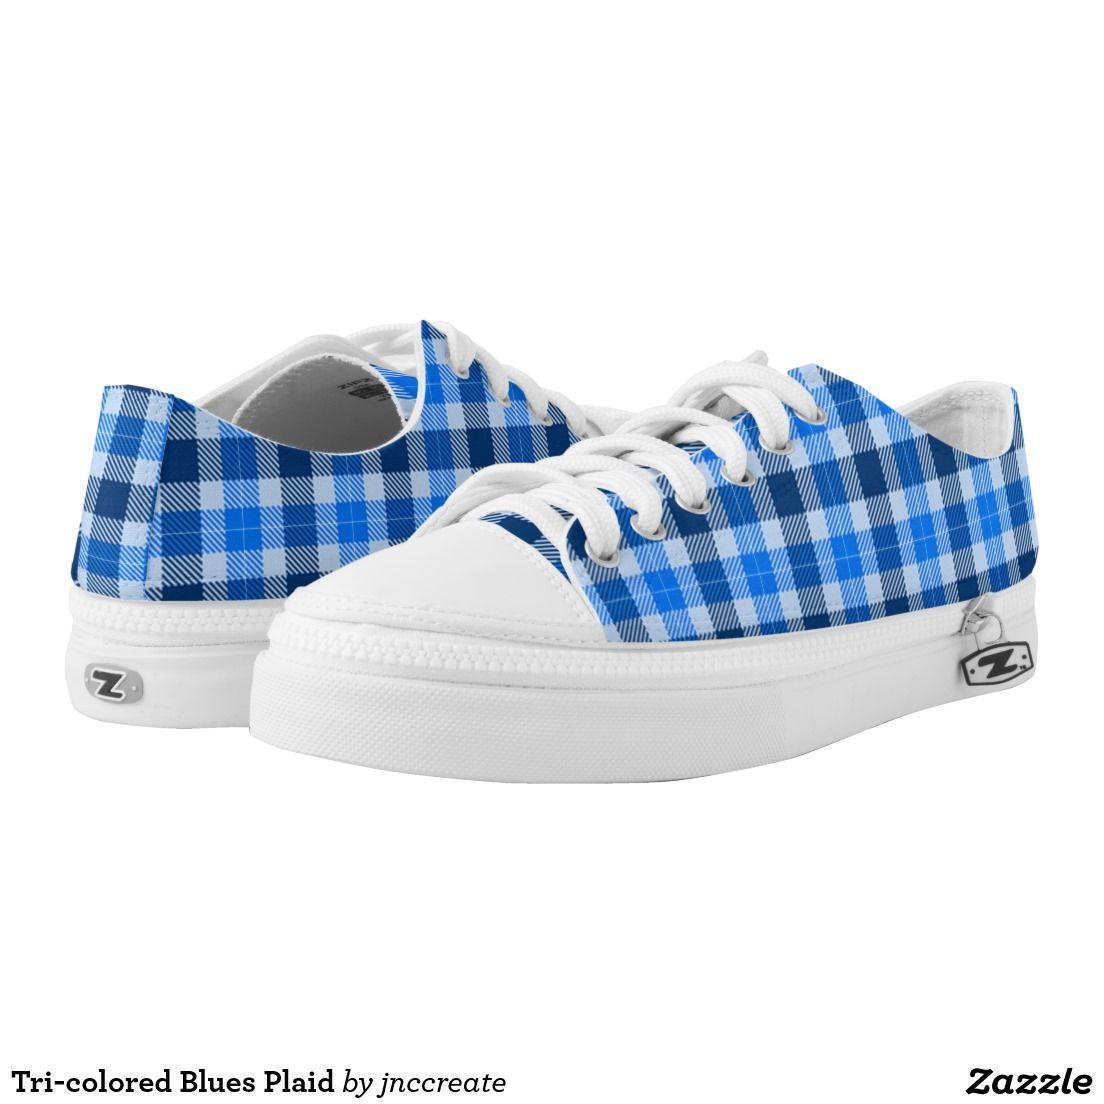 Tri-colored Blues Plaid Printed Shoes